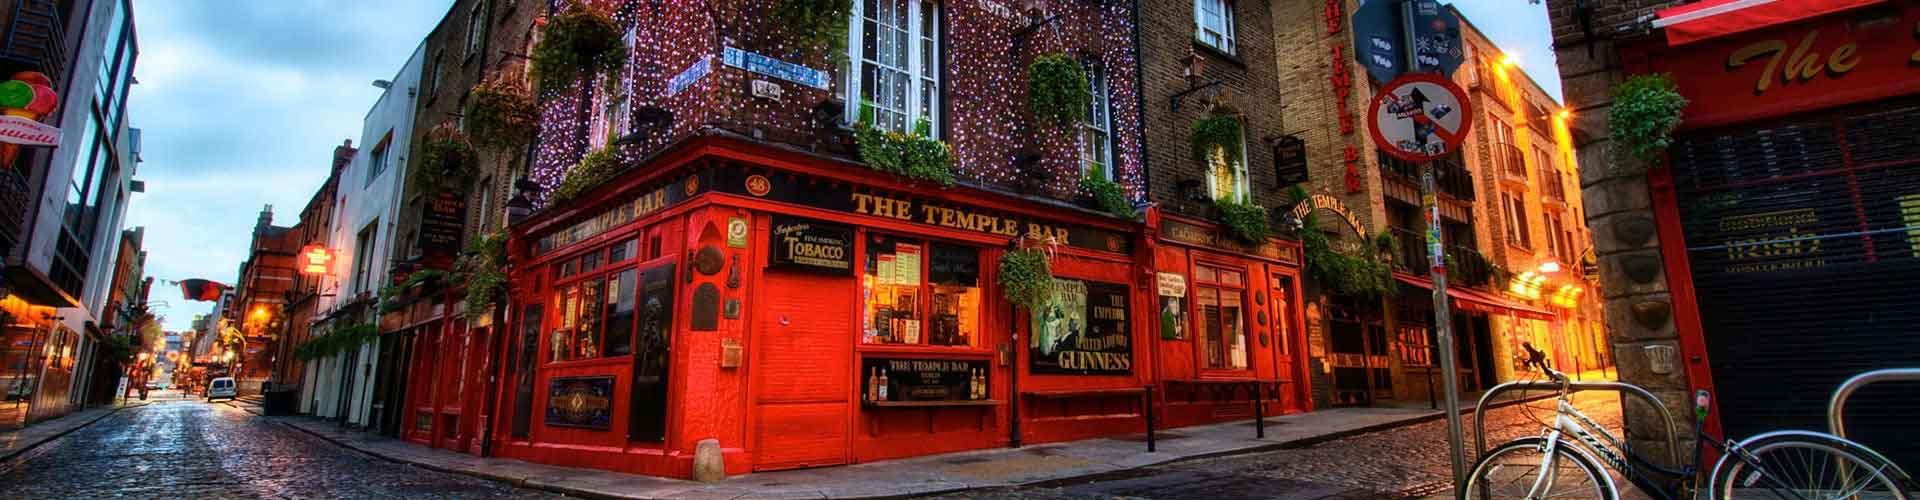 Dublín - Albergues en el distrito Temple Bar . Mapas de Dublín, Fotos y Comentarios para cada Albergue en Dublín.